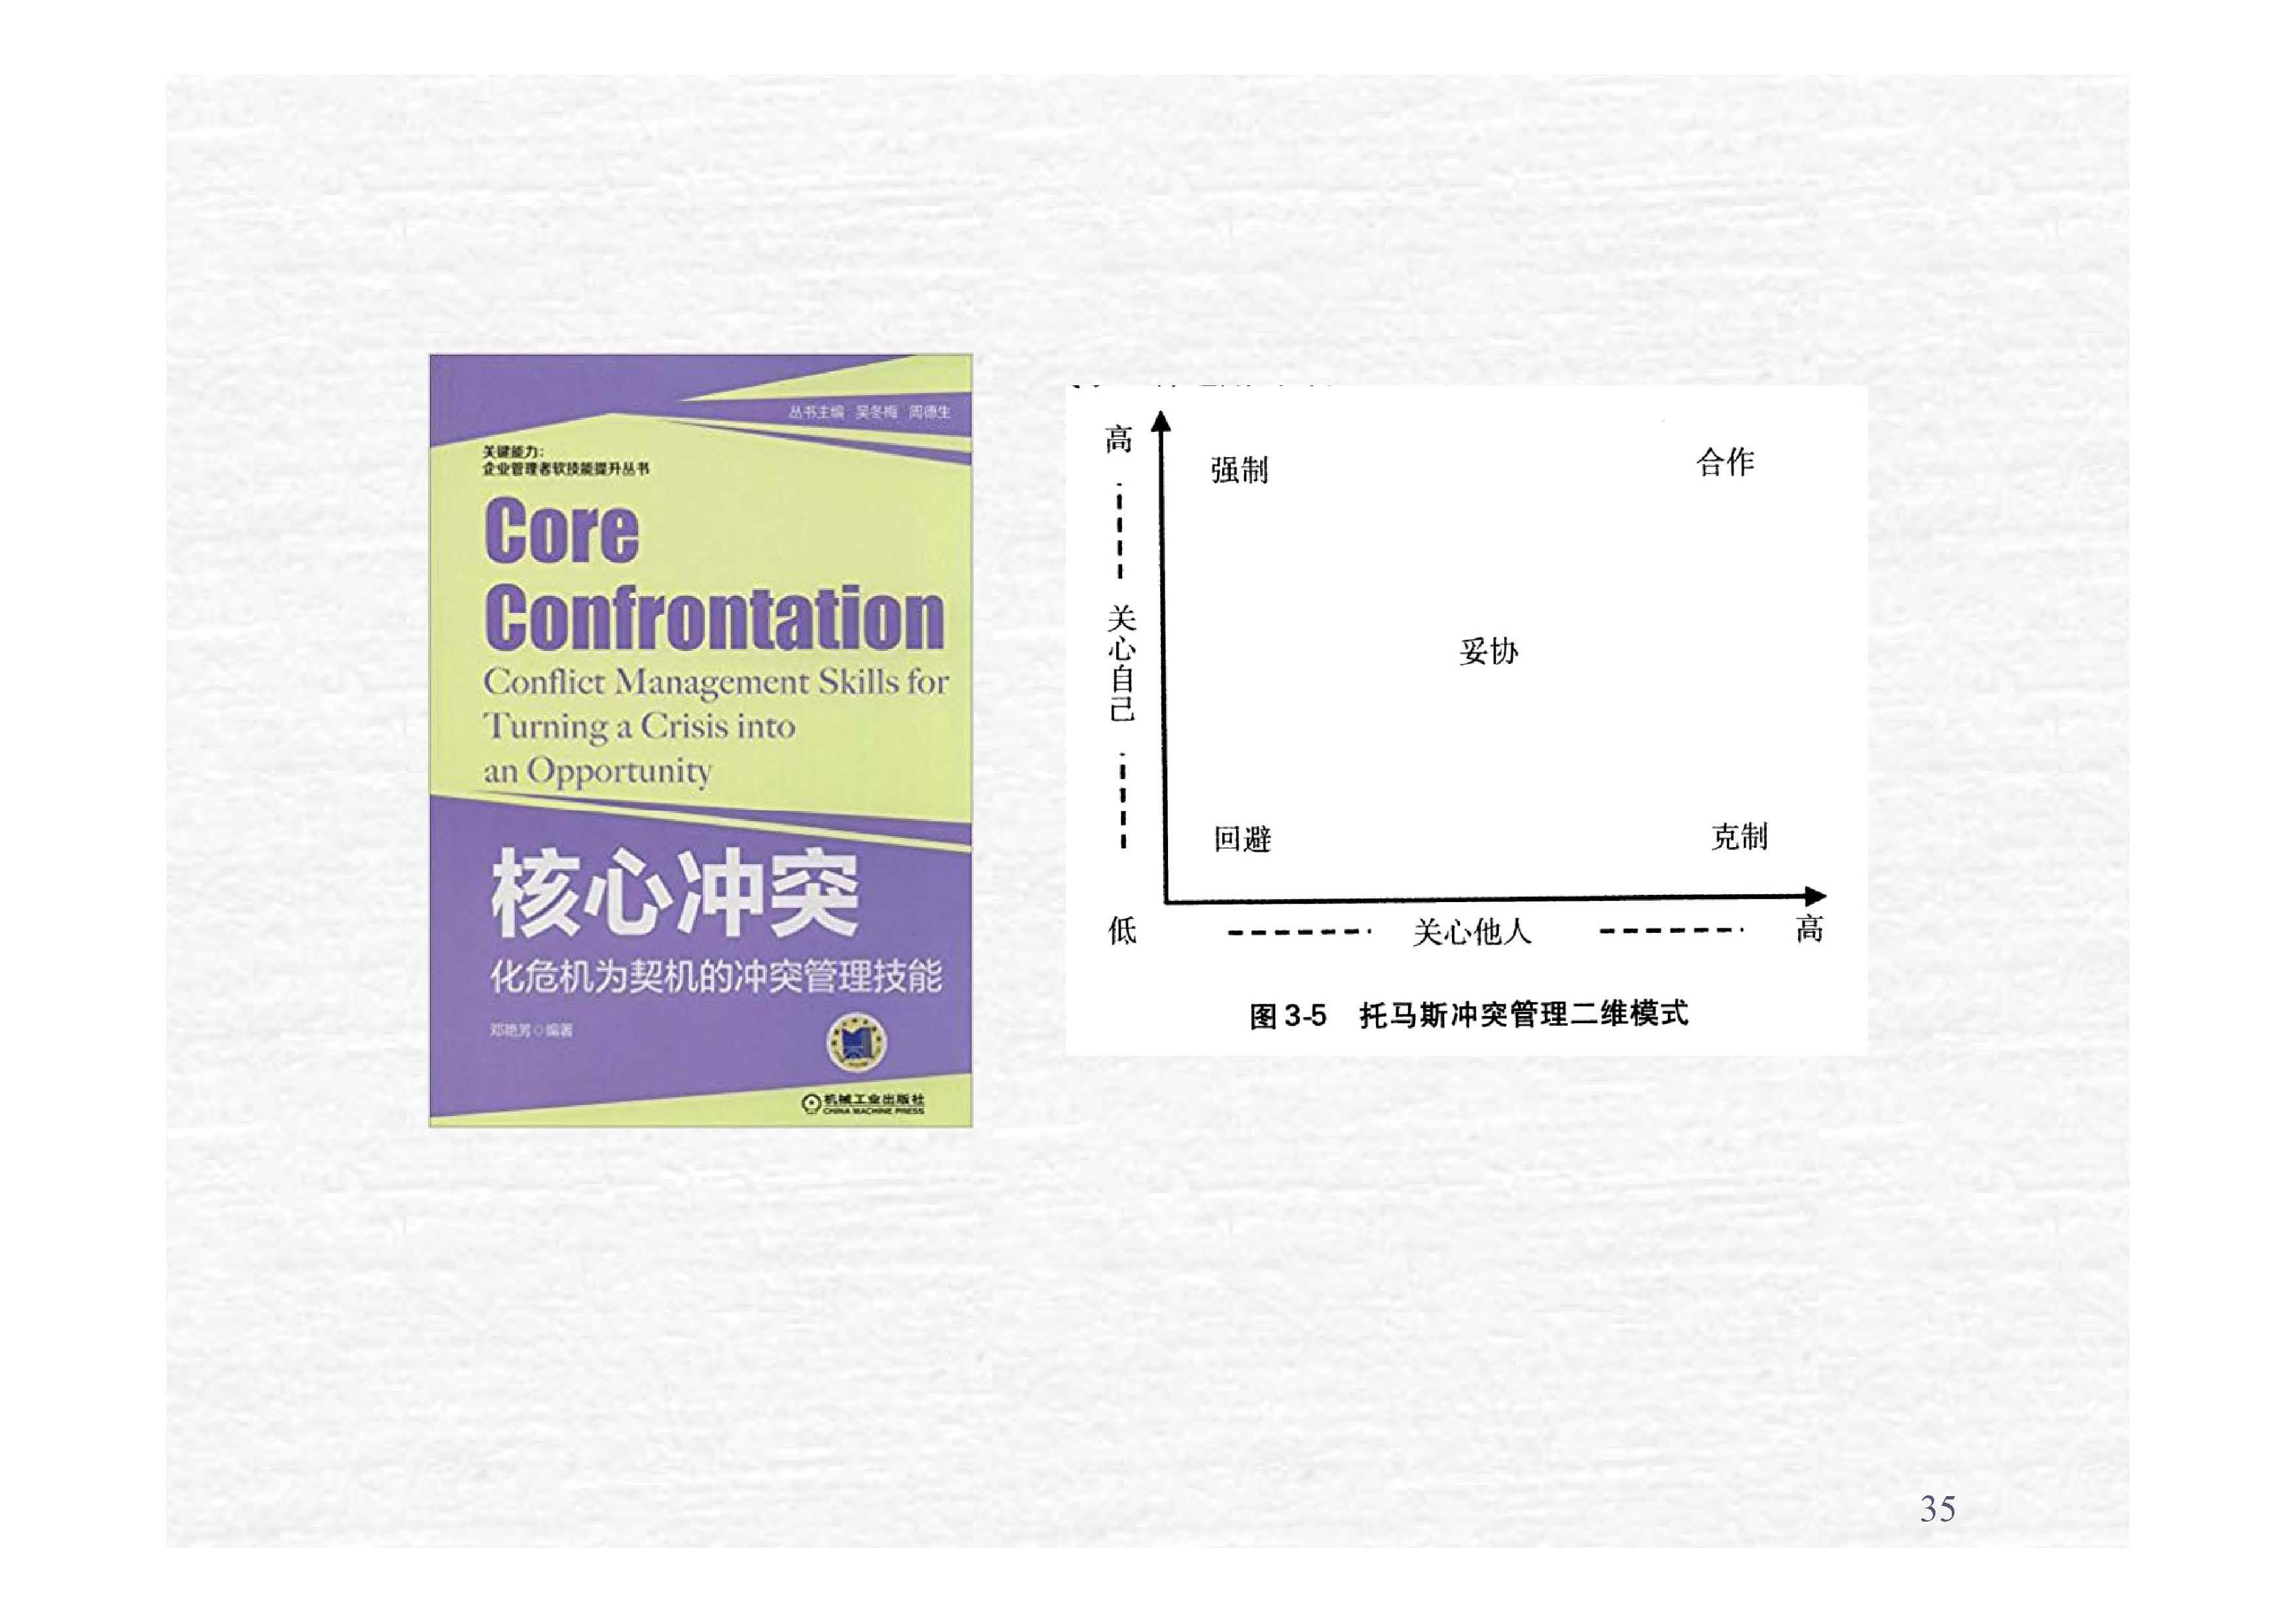 研究生师生矛盾及其化解对策-修订版-10_页面_35.jpg